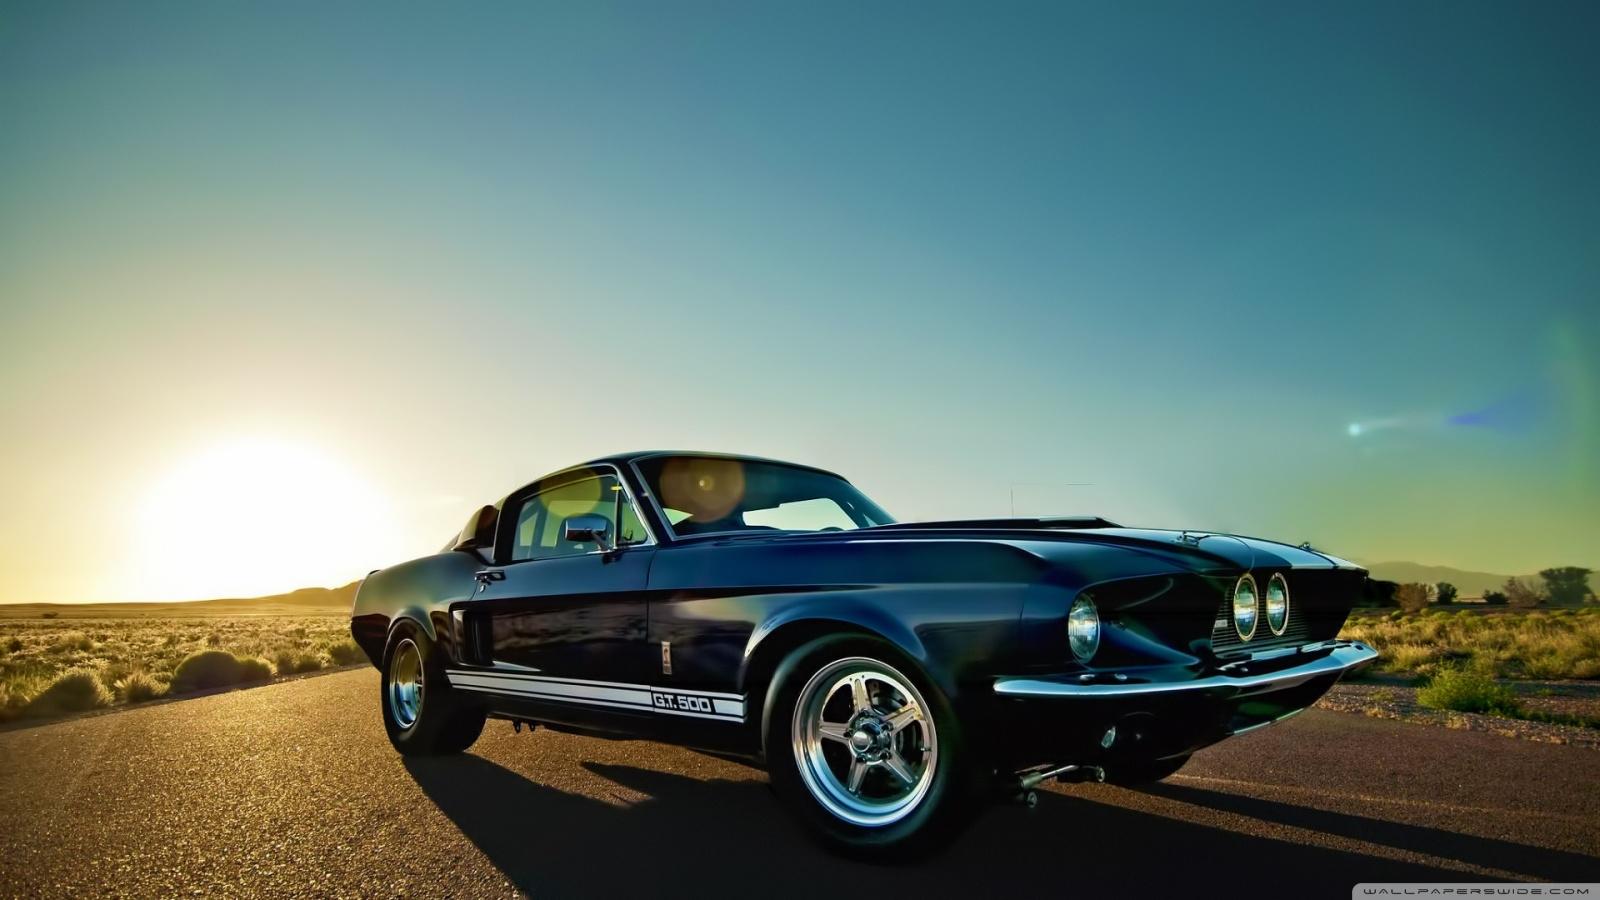 Ford Mustang 1967 Wallpaper Hd 1600x900 Wallpaper Teahub Io